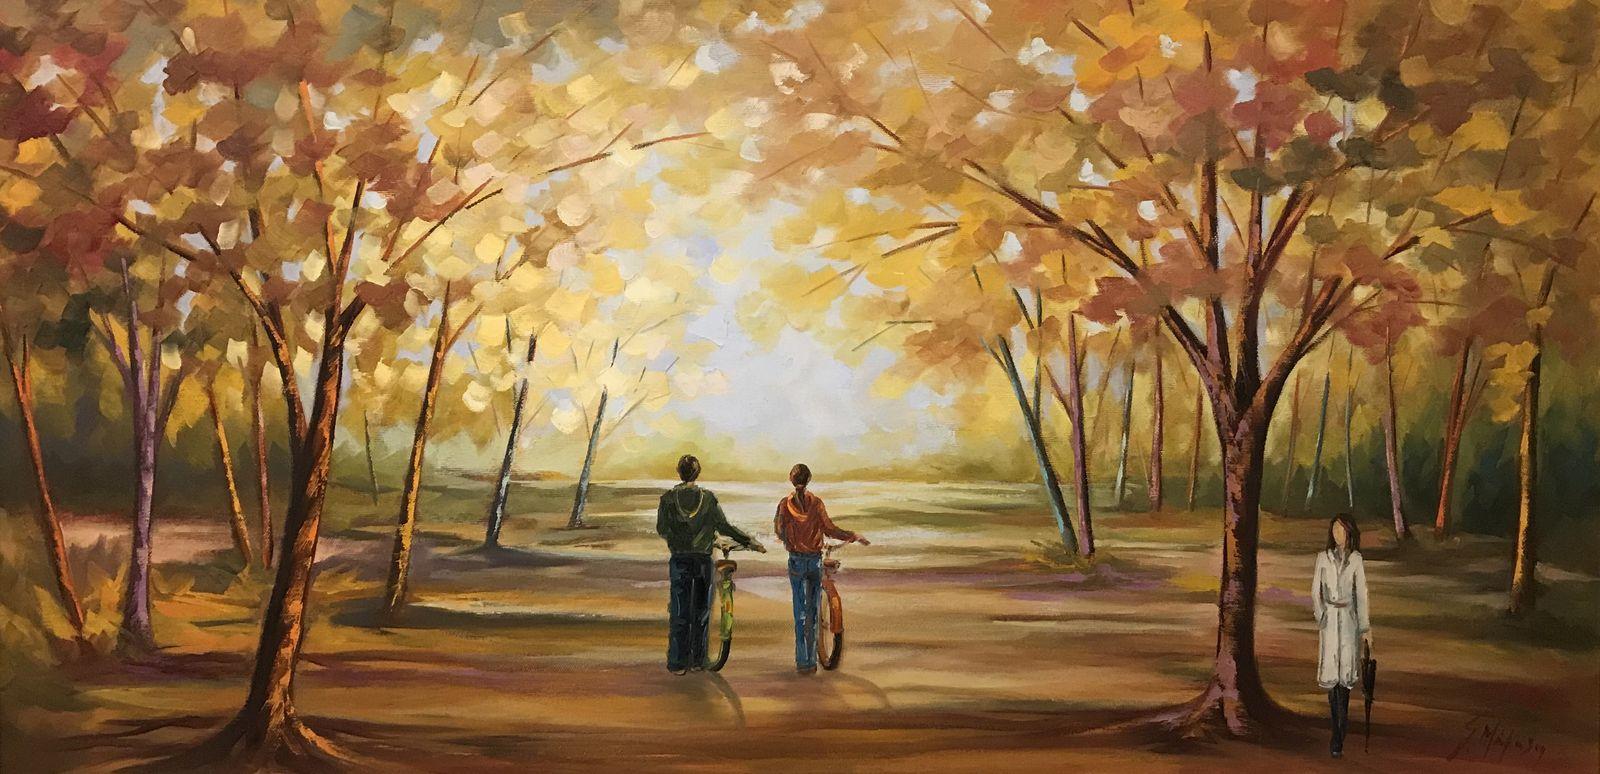 Σοφία Παπαγεωργίου 50×100 εκ. Λάδια σε καμβά Sofia Papageorgiou 50×100 cm Oils on canvas